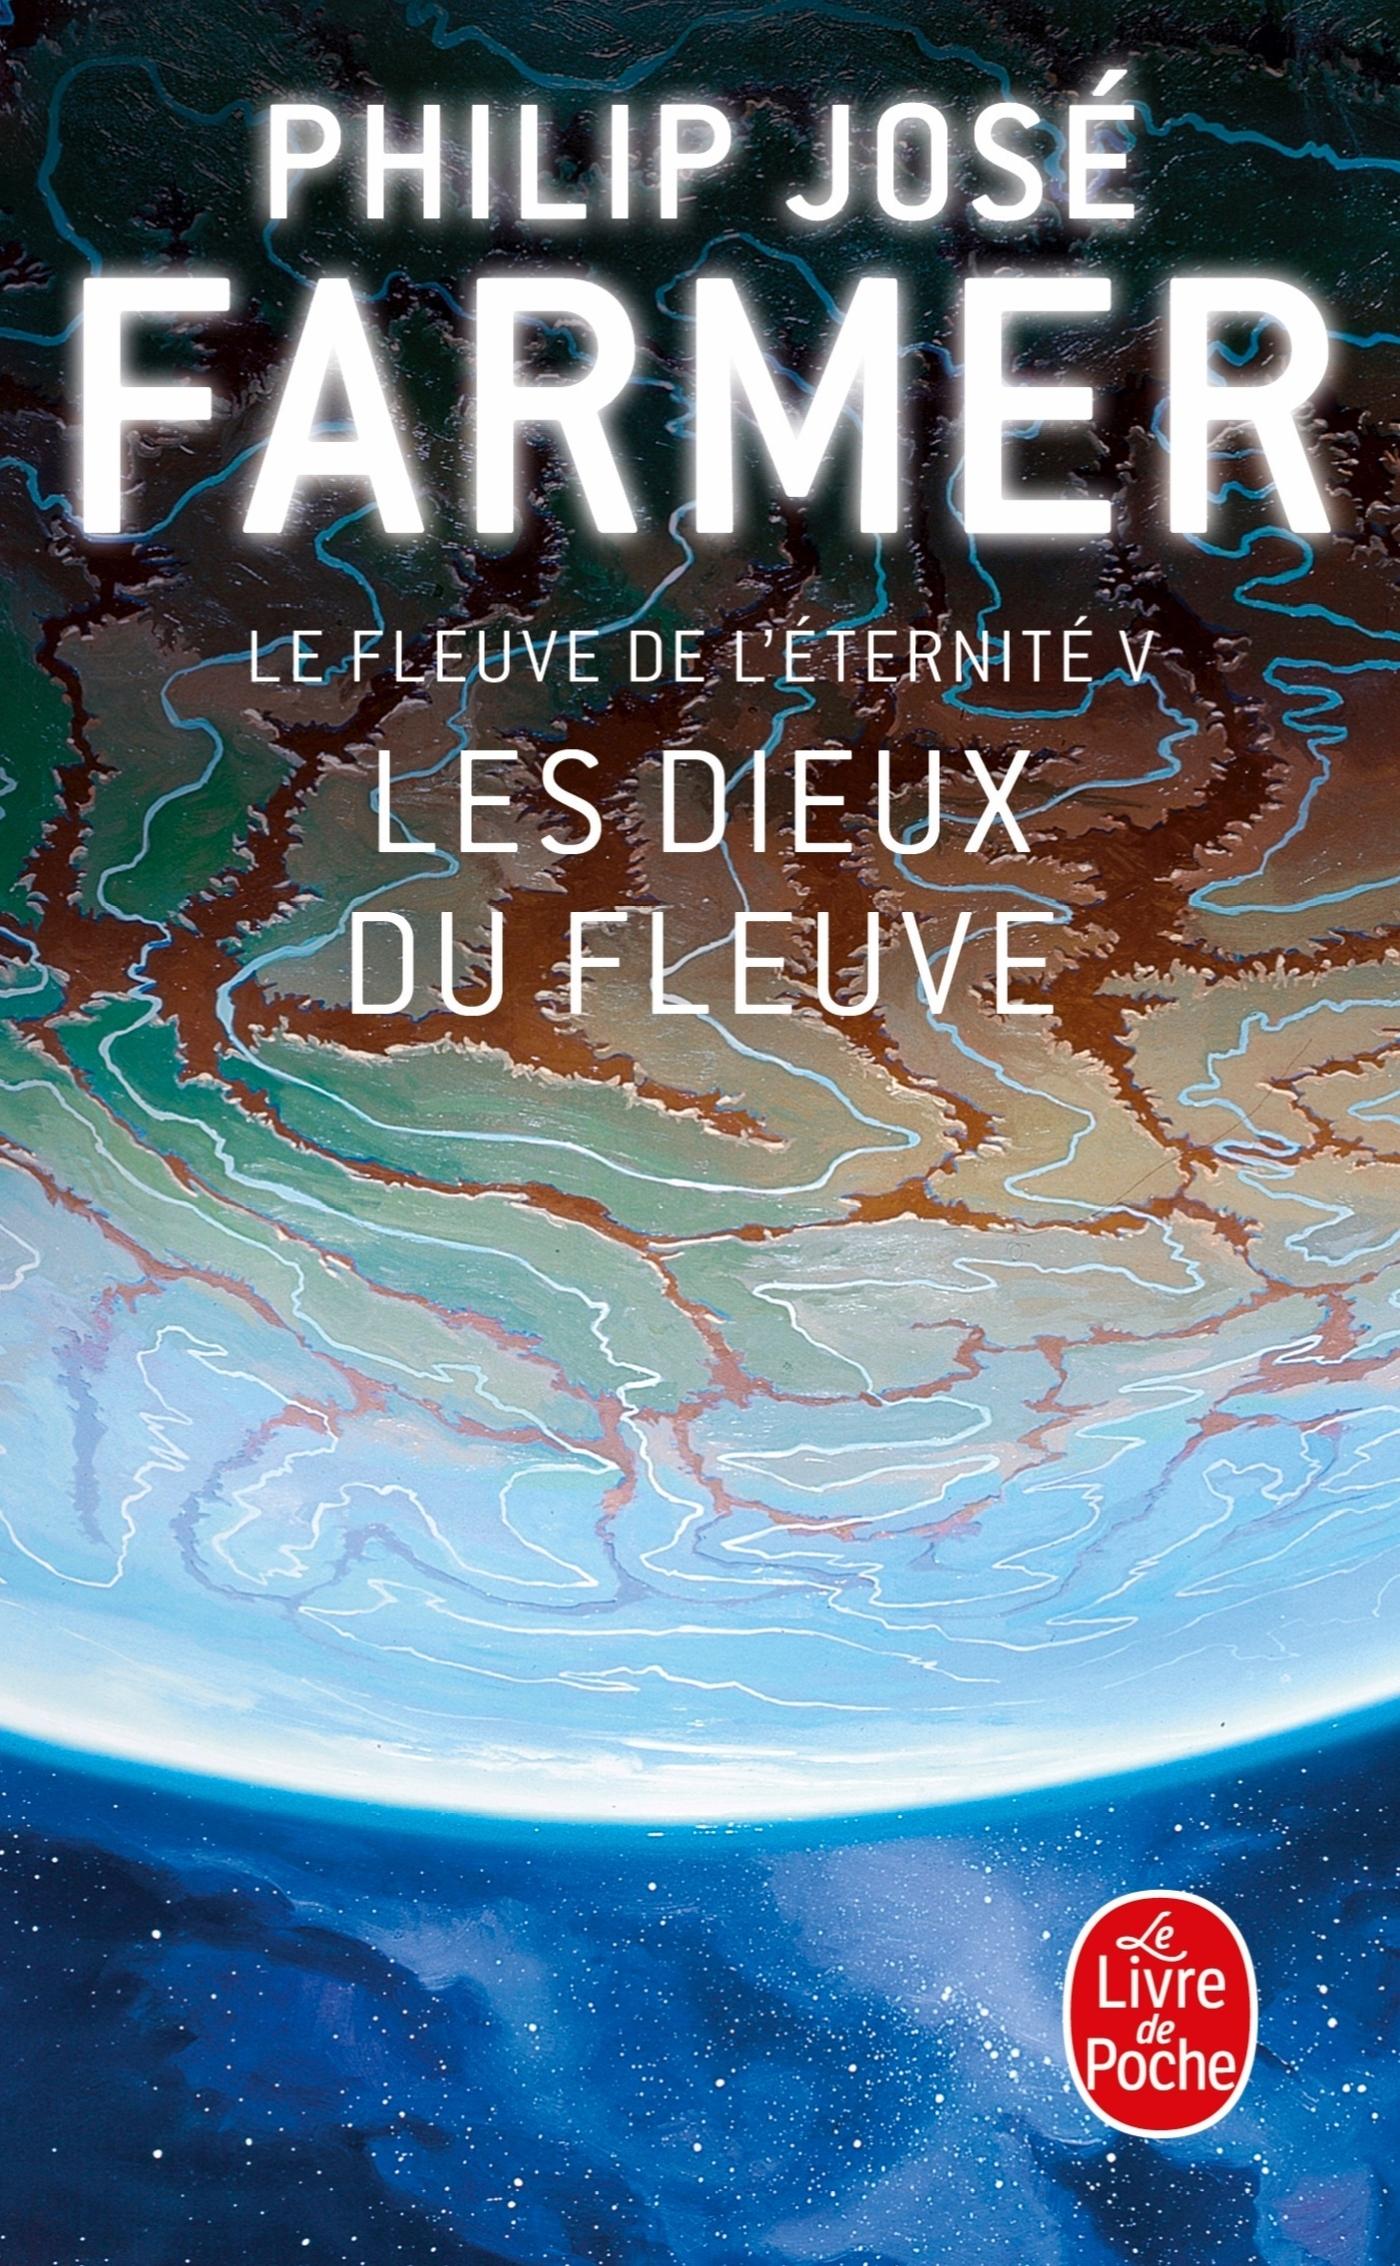 LES DIEUX DU FLEUVE (LE FLEUVE DE L'ETERNITE, TOME 5)